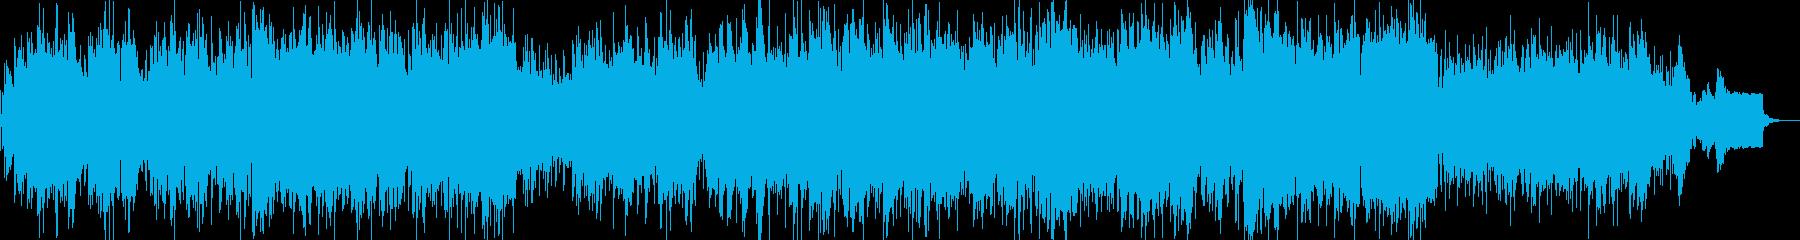 ポップ系バラードの再生済みの波形